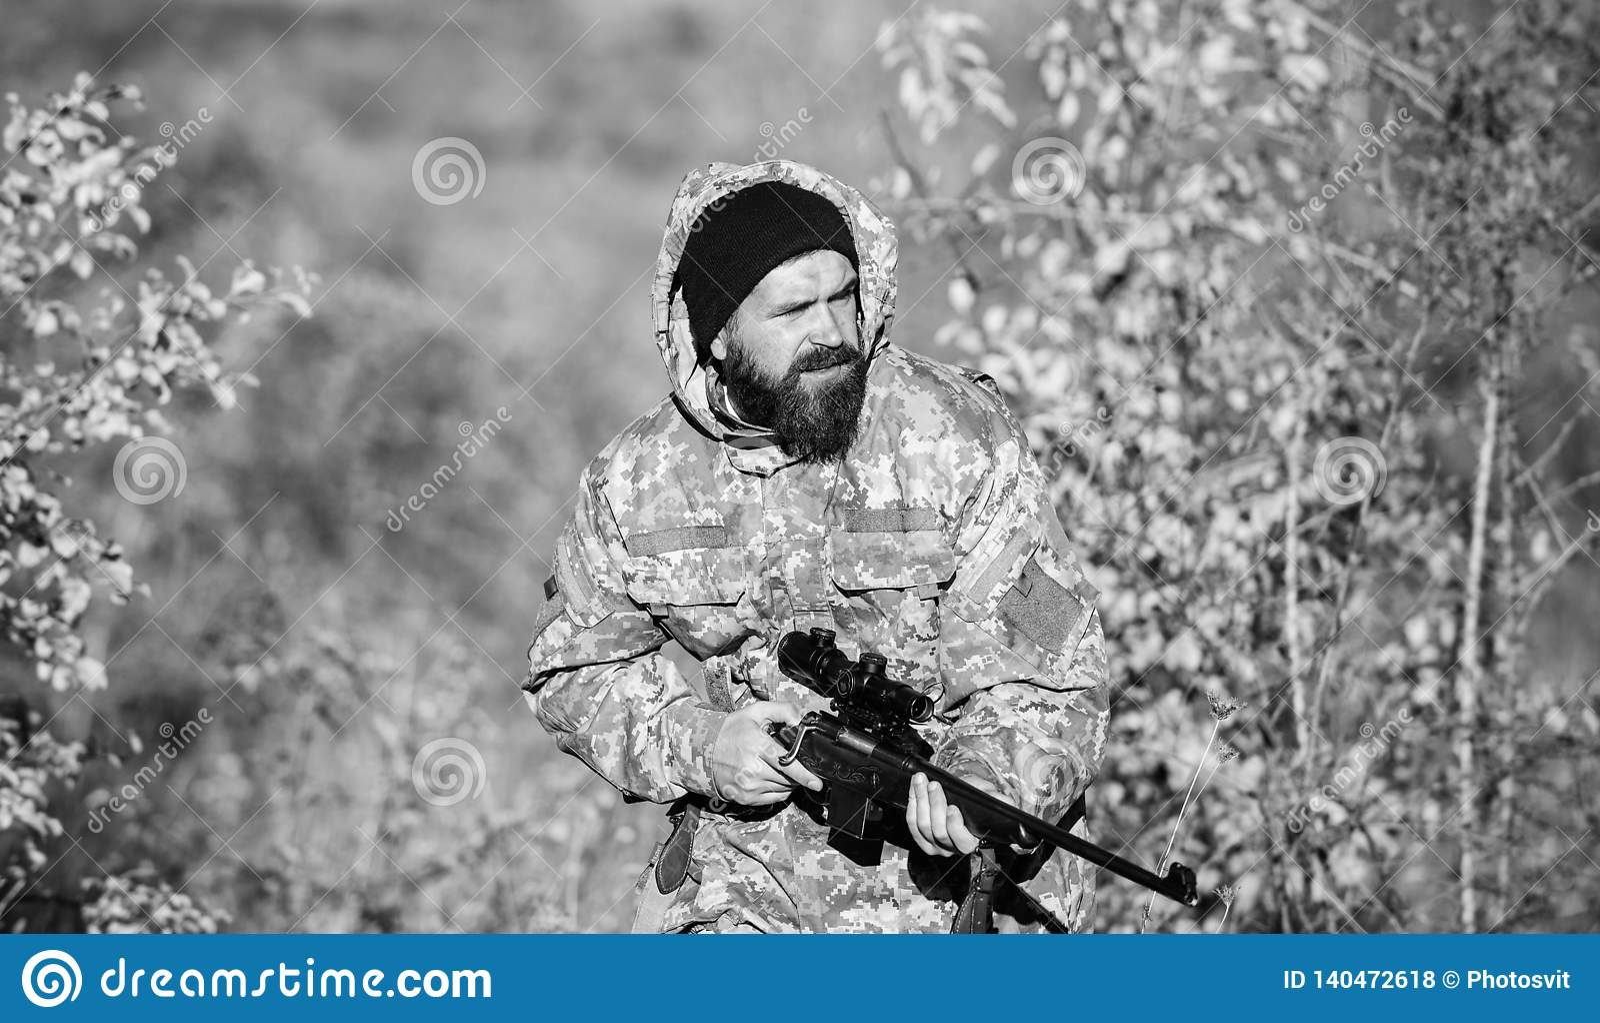 Doświadczenie i praktyka pożyczamy sukcesu polowanie Łowiecki sezon Żniw zwierzęta typowo ograniczający Facet łowiecka natura